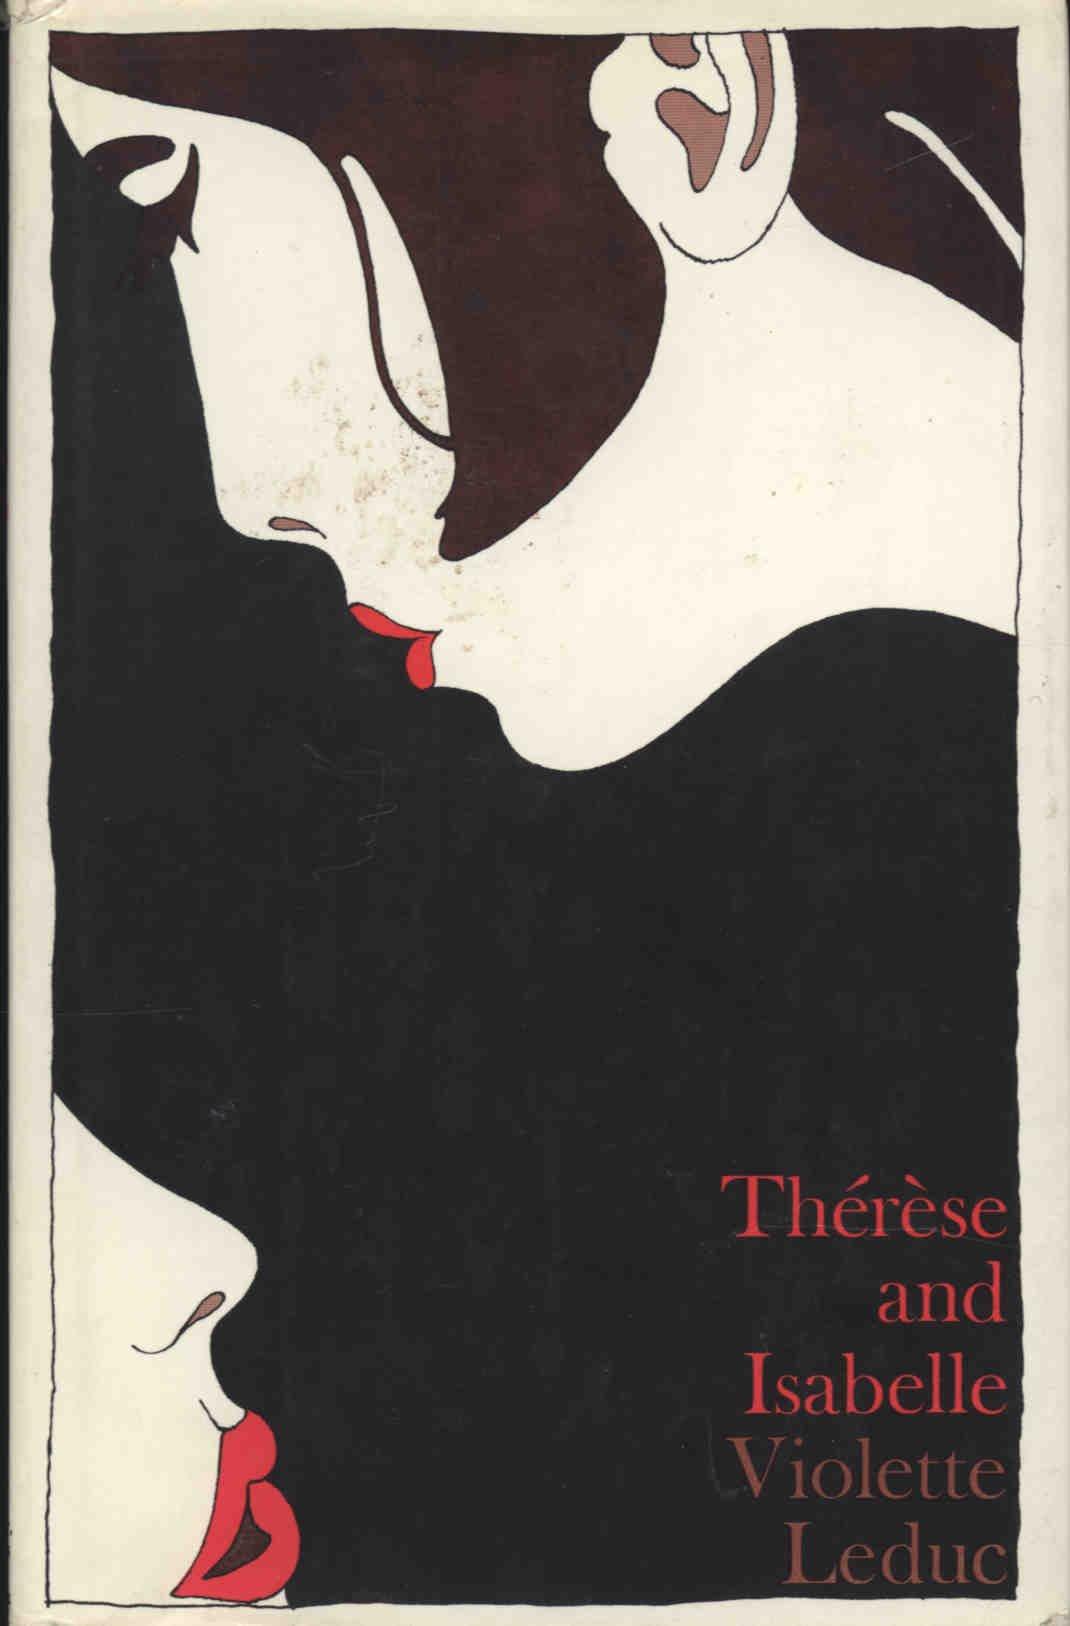 'Thérèse and Isabelle' por Violette Leduc